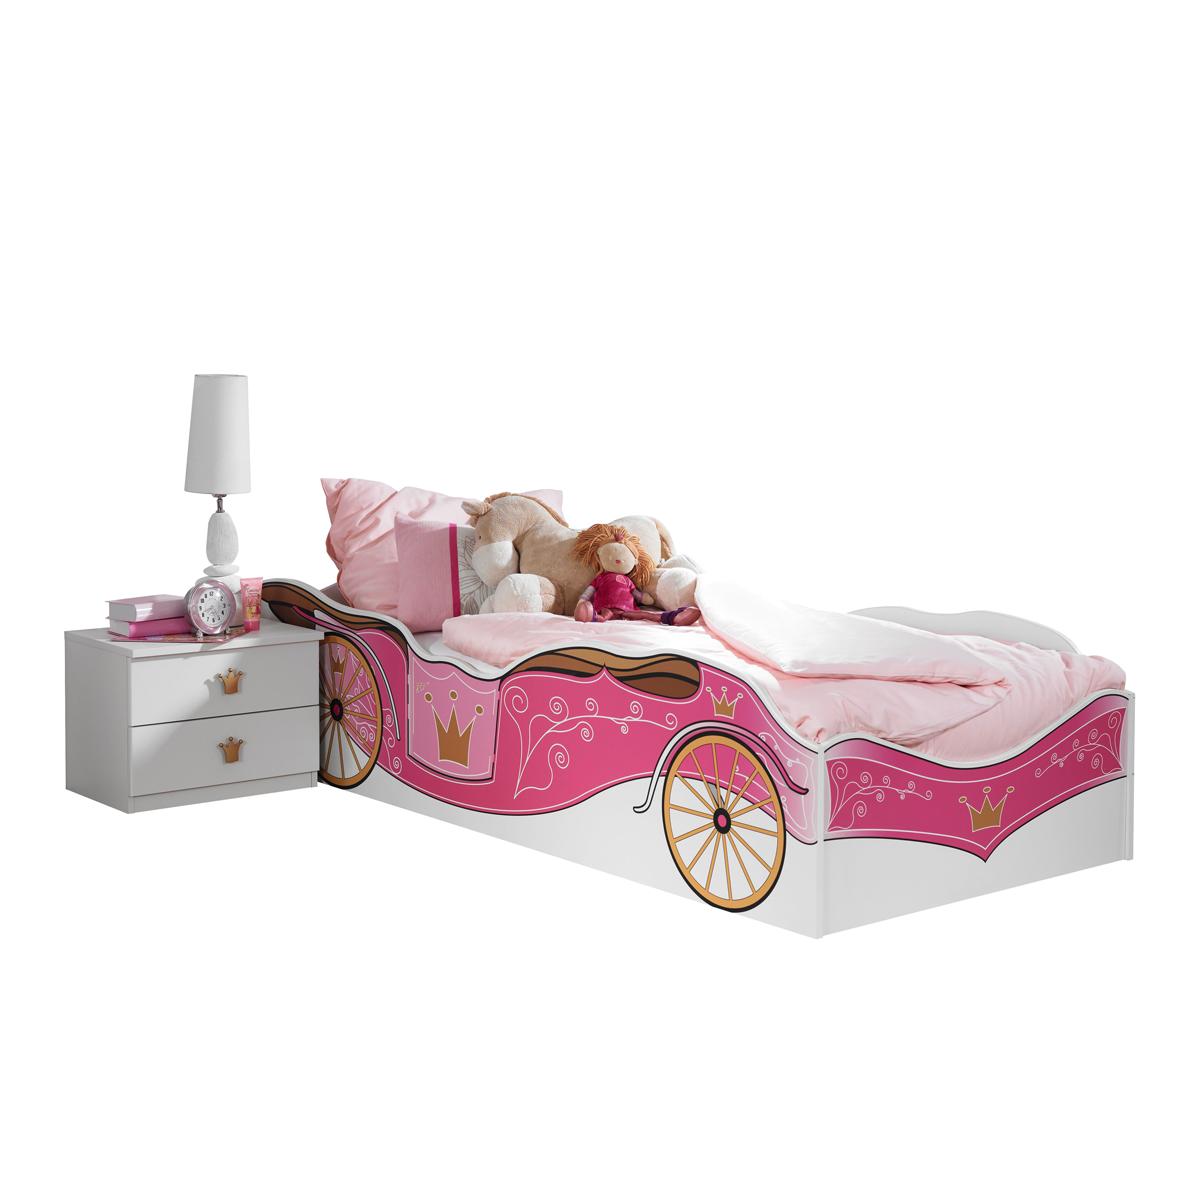 Rauch Packs Kate Bett Und Nachttisch In Alpinweiss Mit Absetzung Printdekor Prinzessin